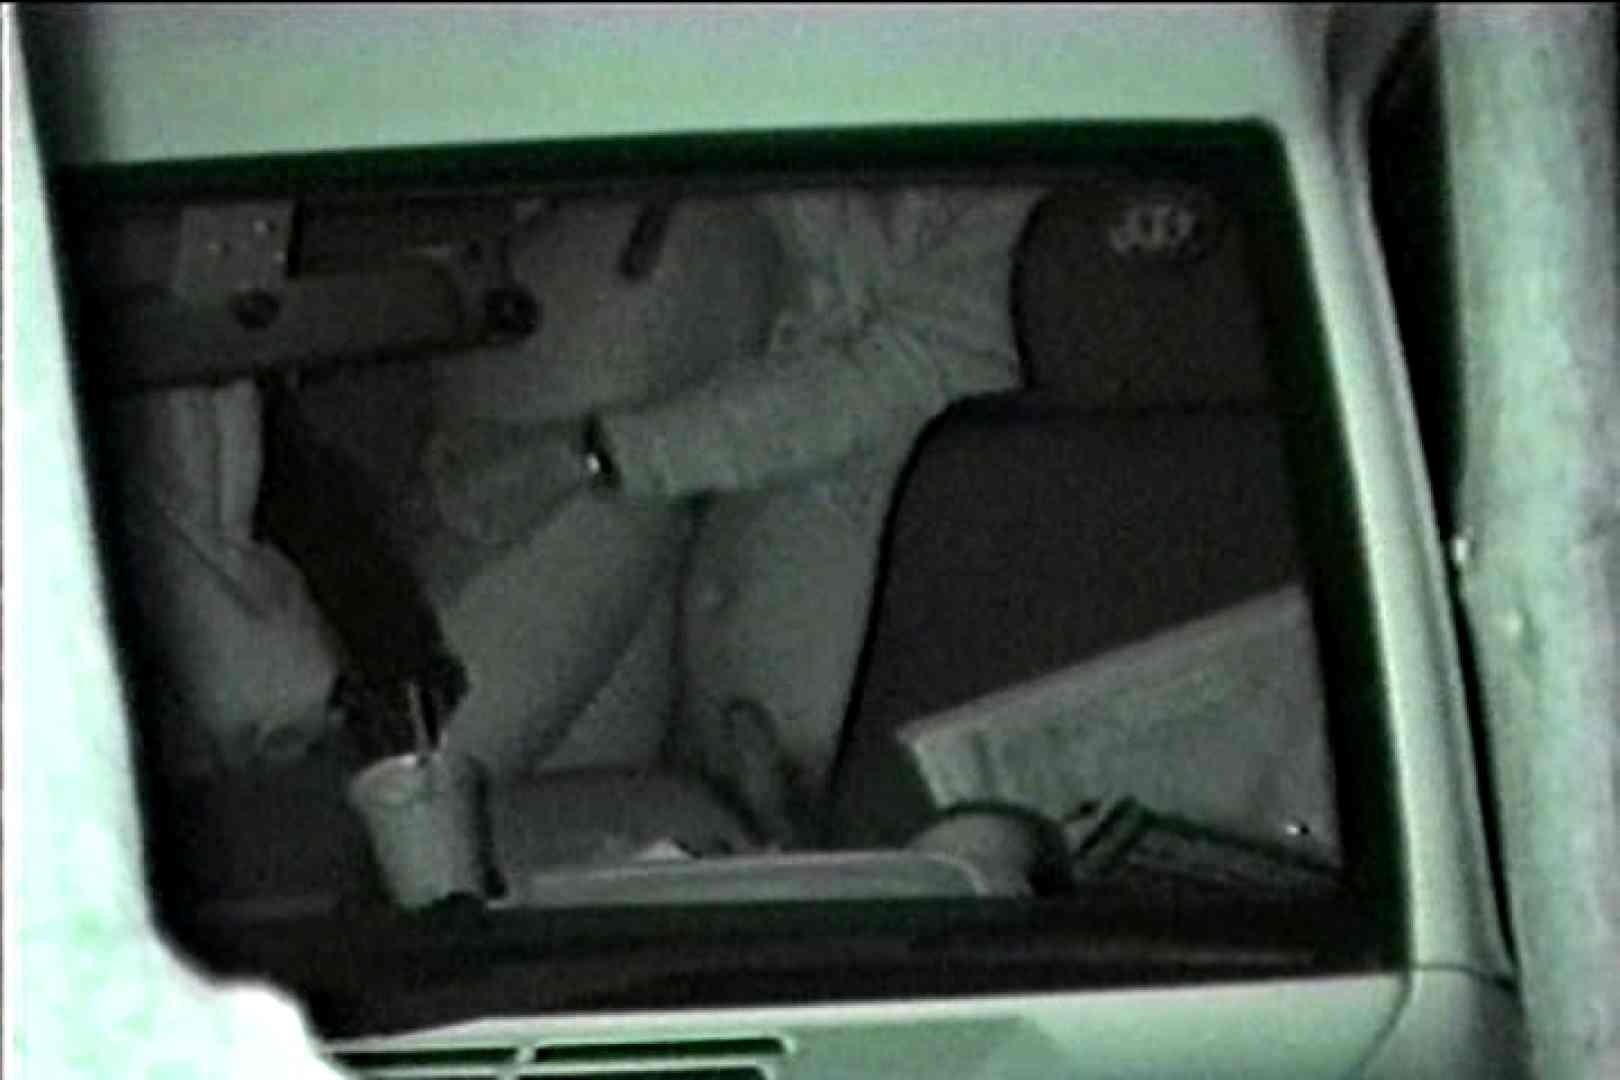 車の中はラブホテル 無修正版  Vol.7 車の中のカップル セックス無修正動画無料 59画像 12